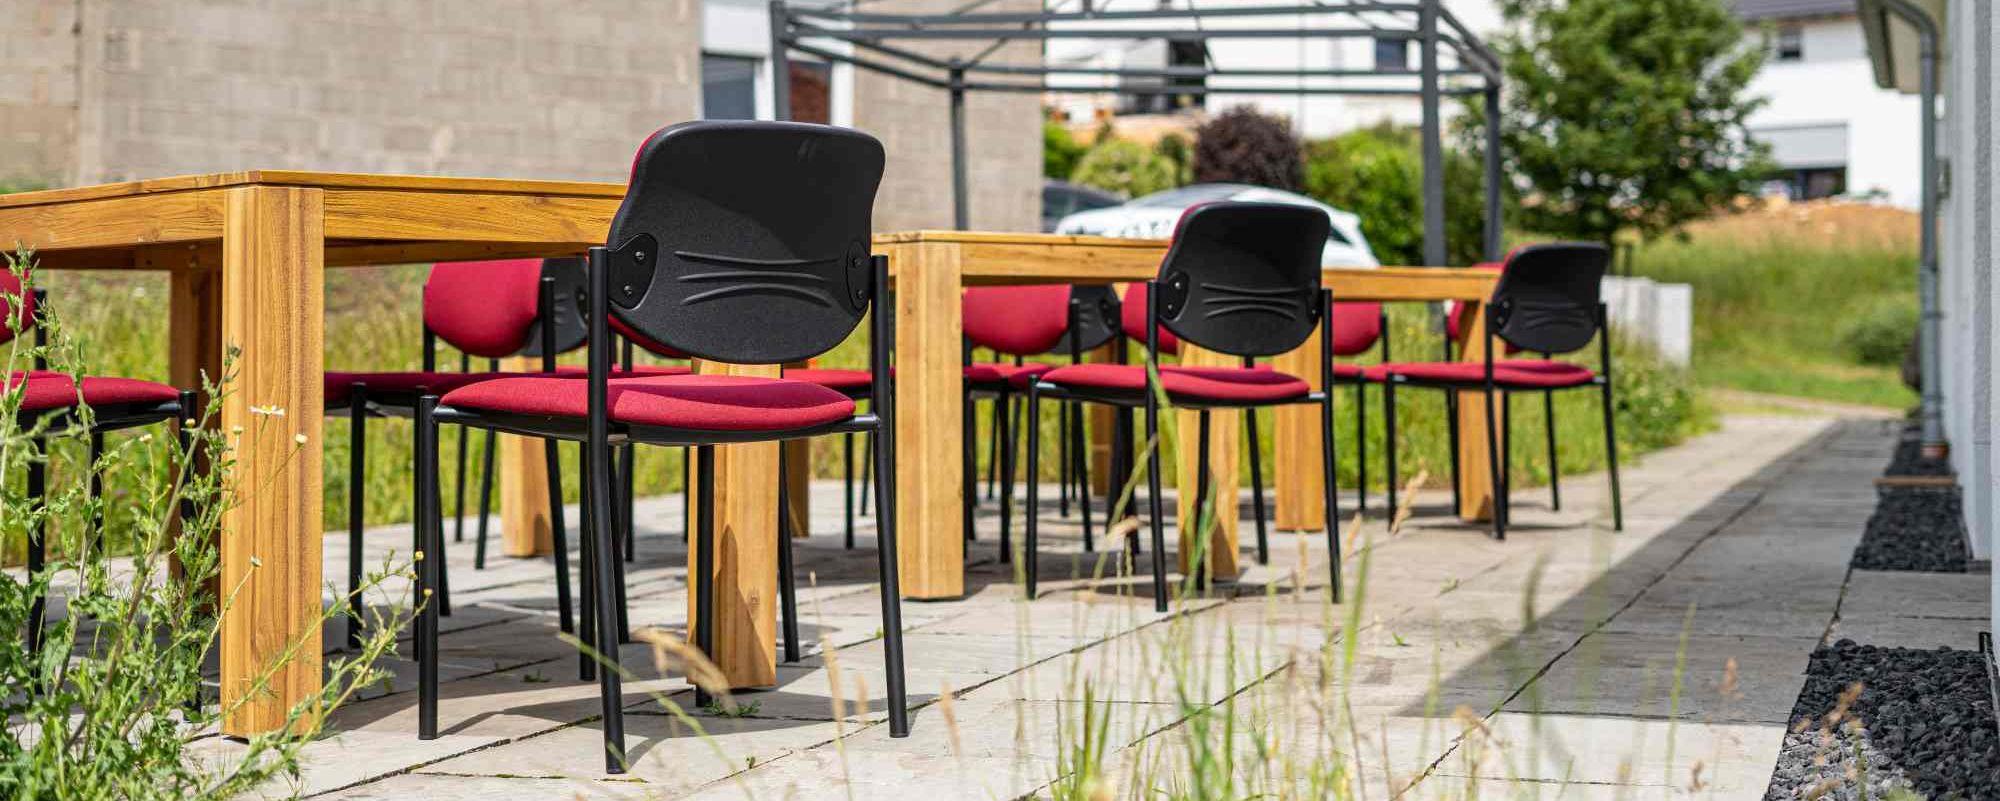 Auf der Terrasse bieten sich verschiedene Sitz- und Arbeitsmöglichkeiten